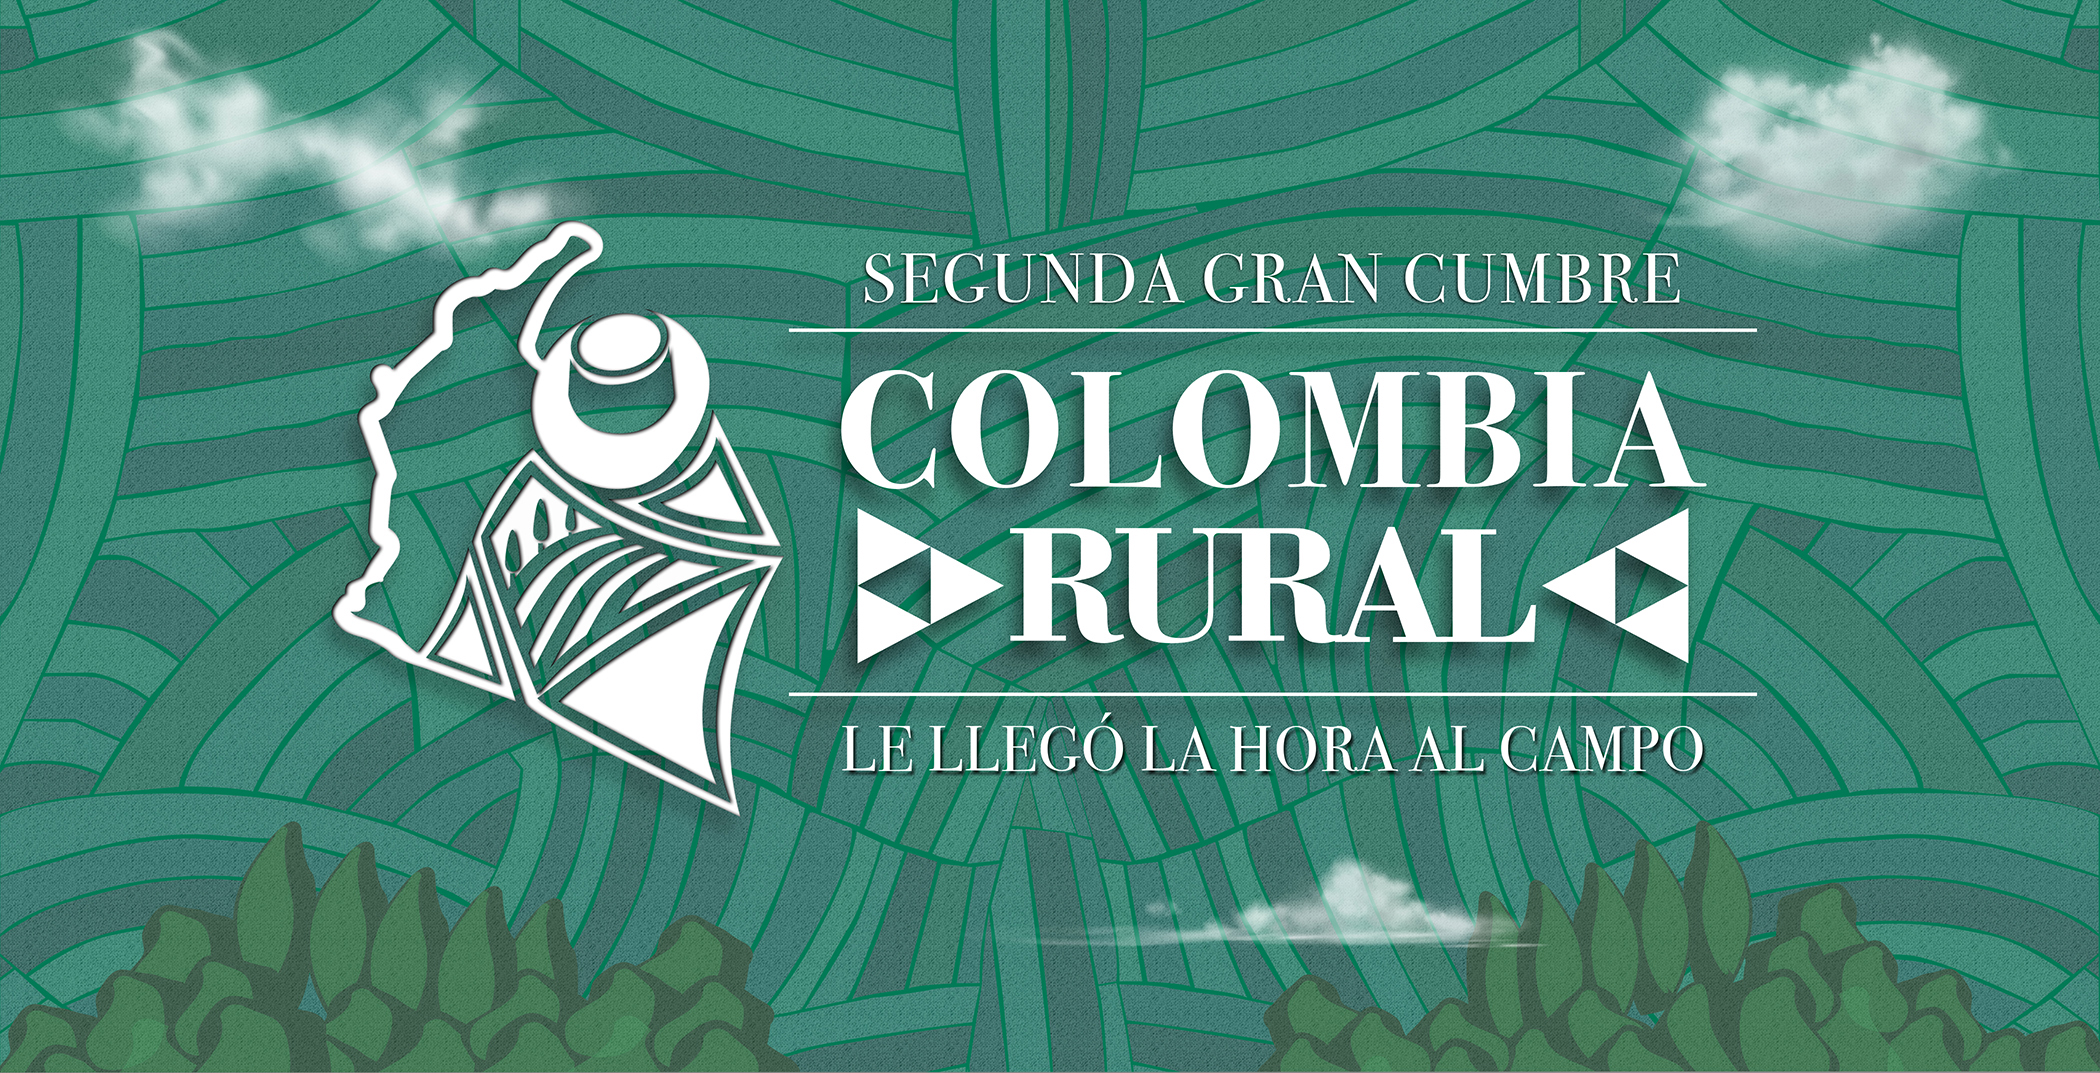 Conozca la agenda de la Segunda Gran Cumbre Colombia Rural